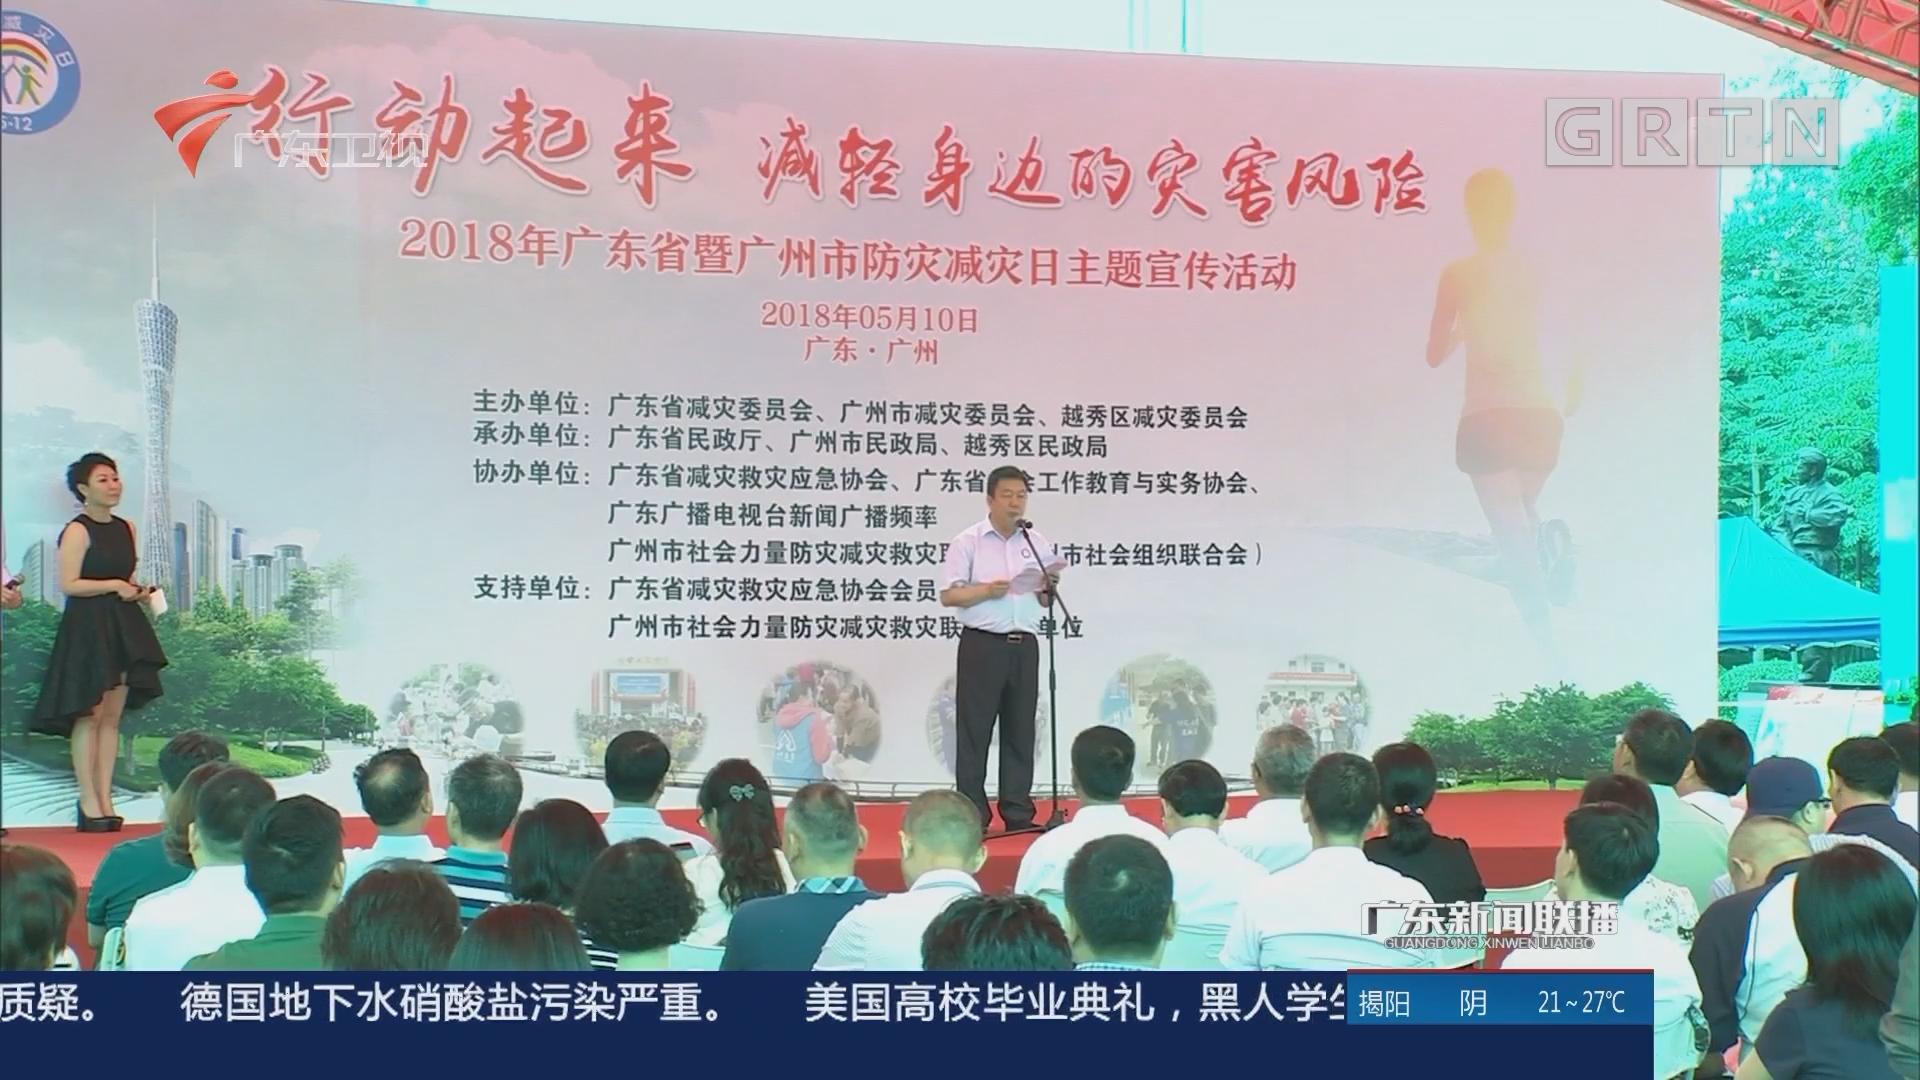 广东:防灾减灾救灾人人有责 鼓励更多社会力量参与